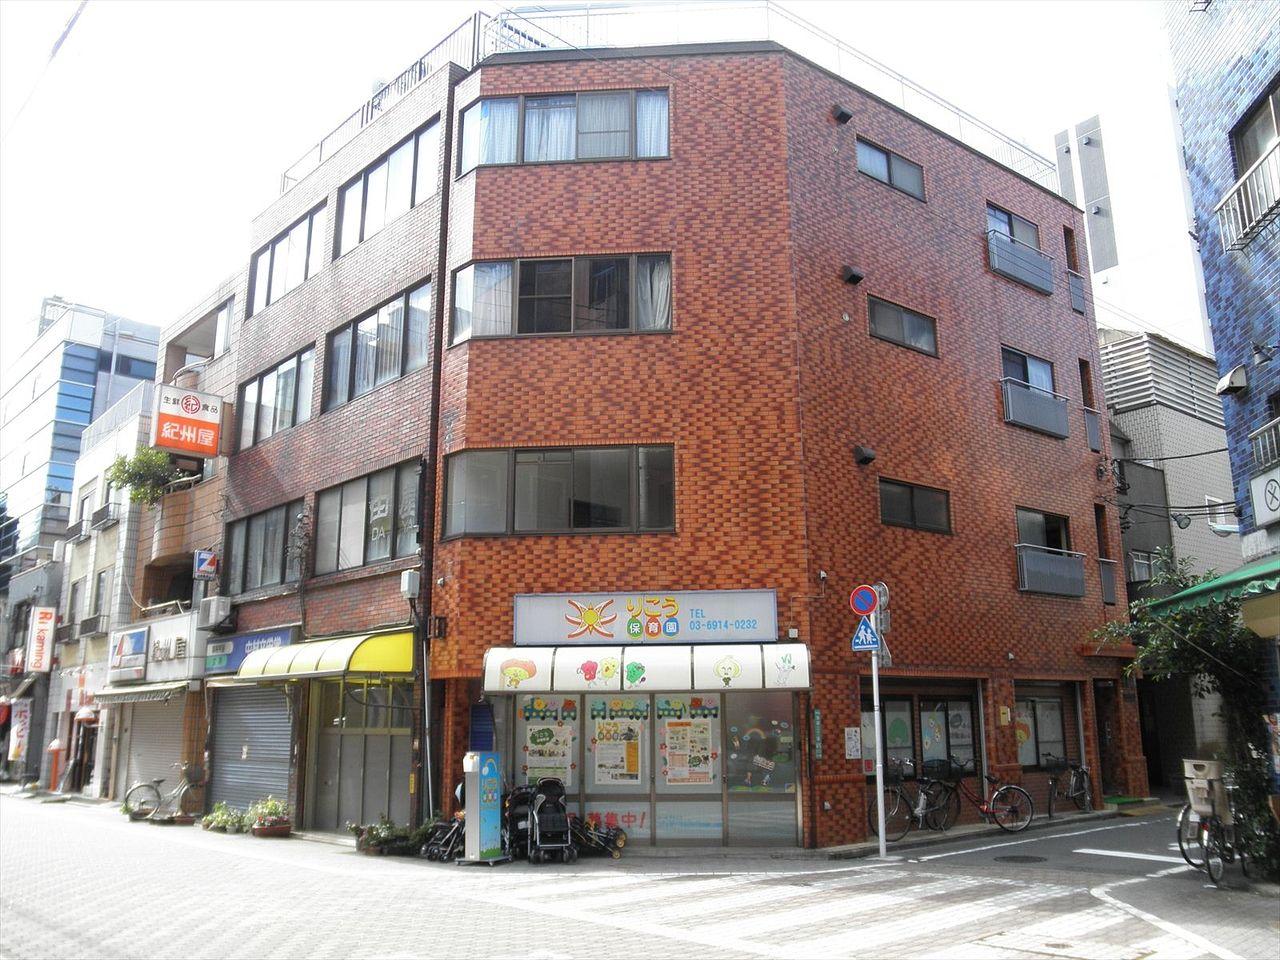 池袋の賃貸マンション 成田ハイツ201号室 2012年リノベーション物件です。バス・トイレ別・フローリング・エアコン2台設置済みです